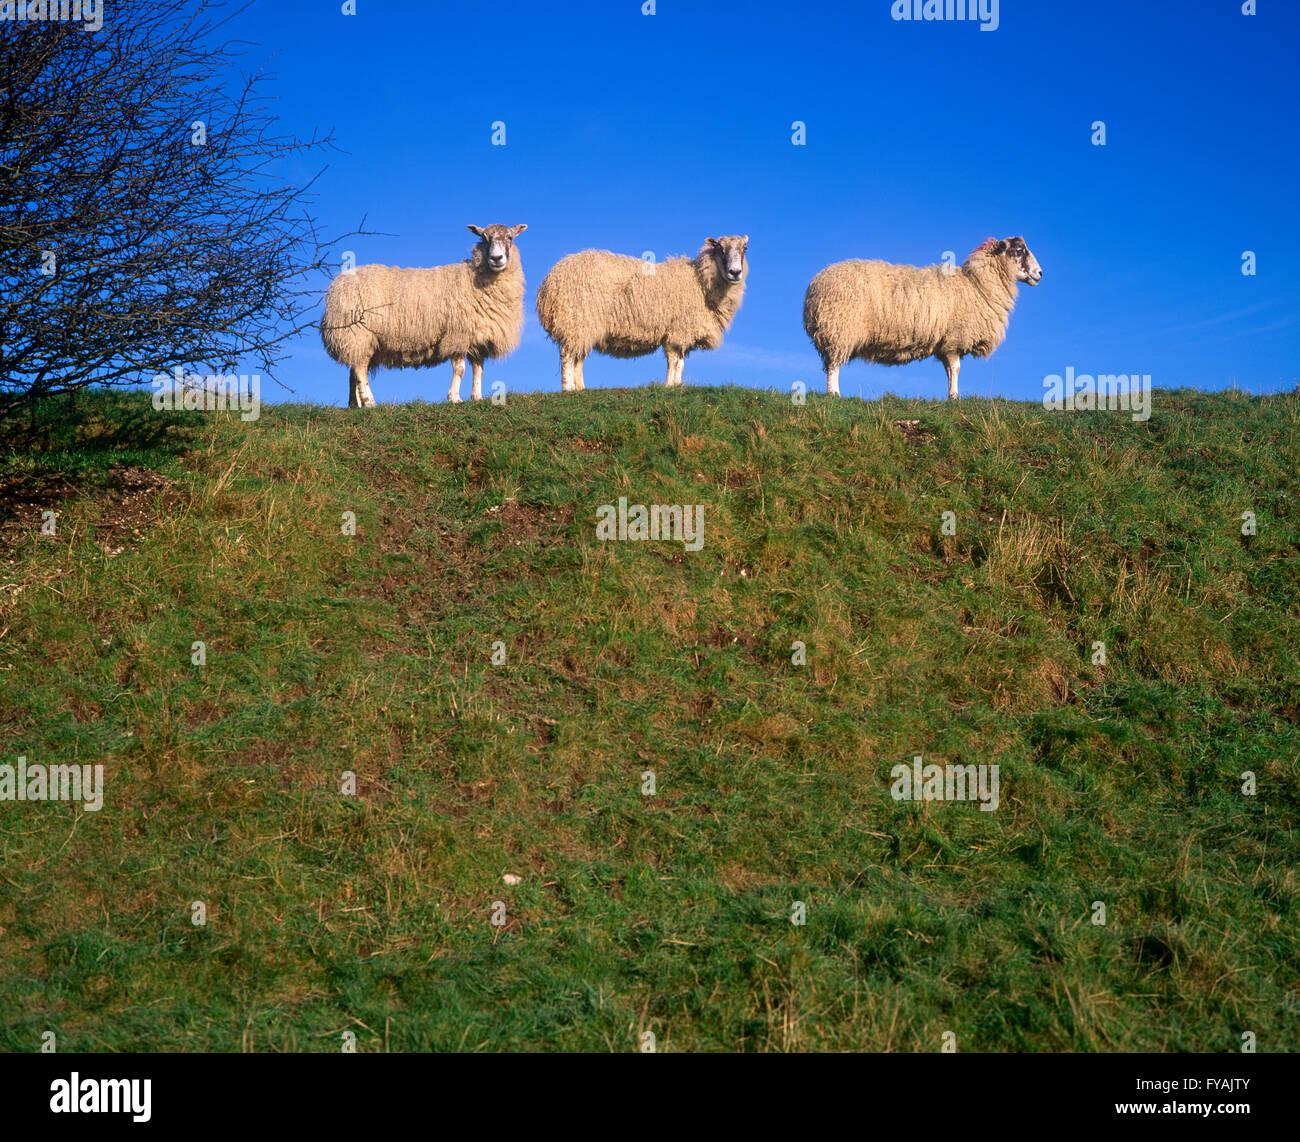 Tre pecore in piedi in una linea su una collina al di fuori. Immagini Stock